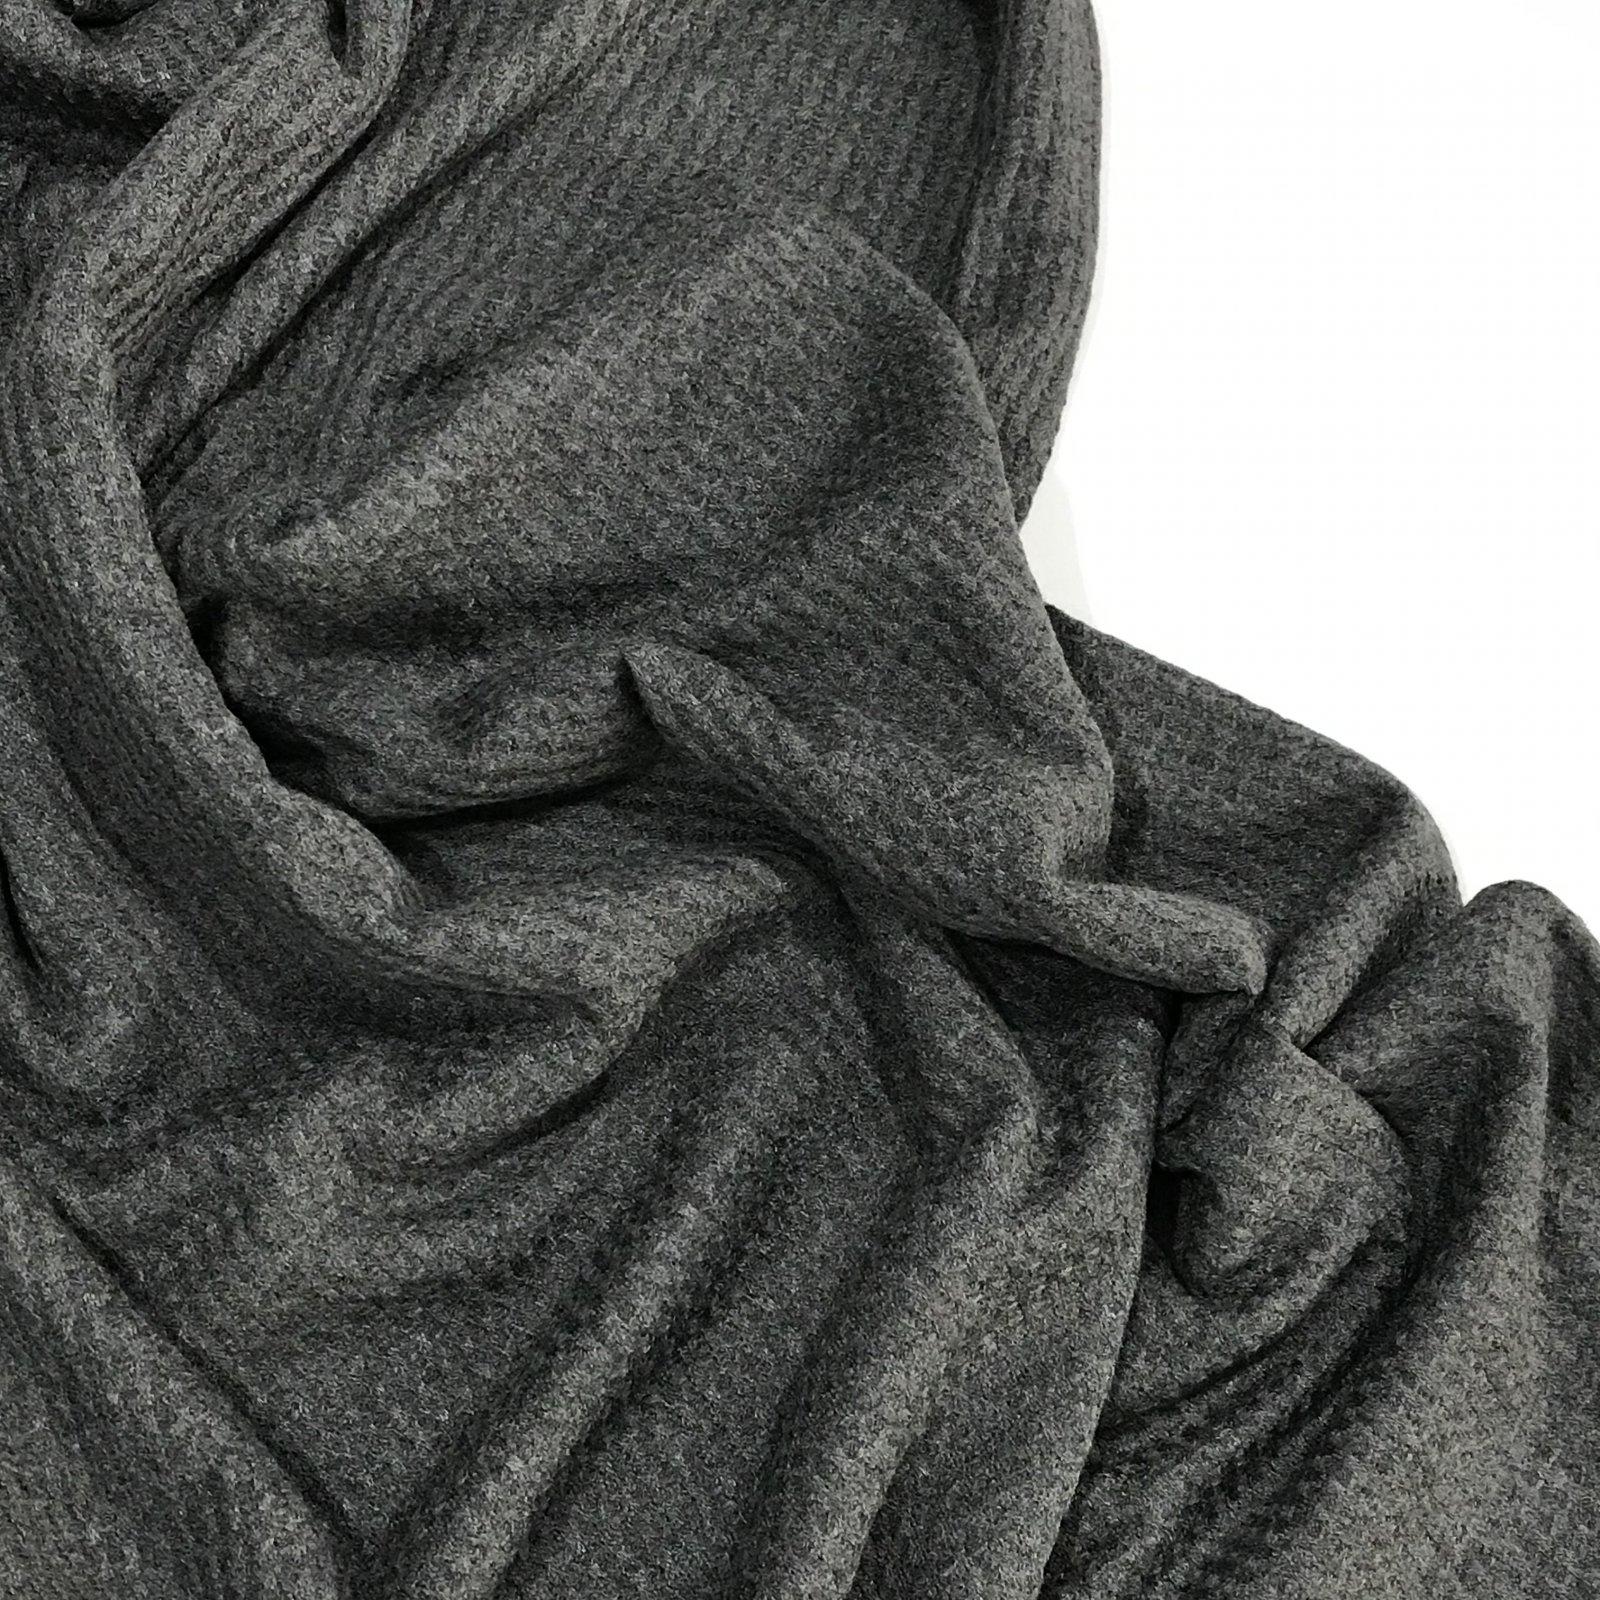 Rayon Waffle Knit - Charcoal